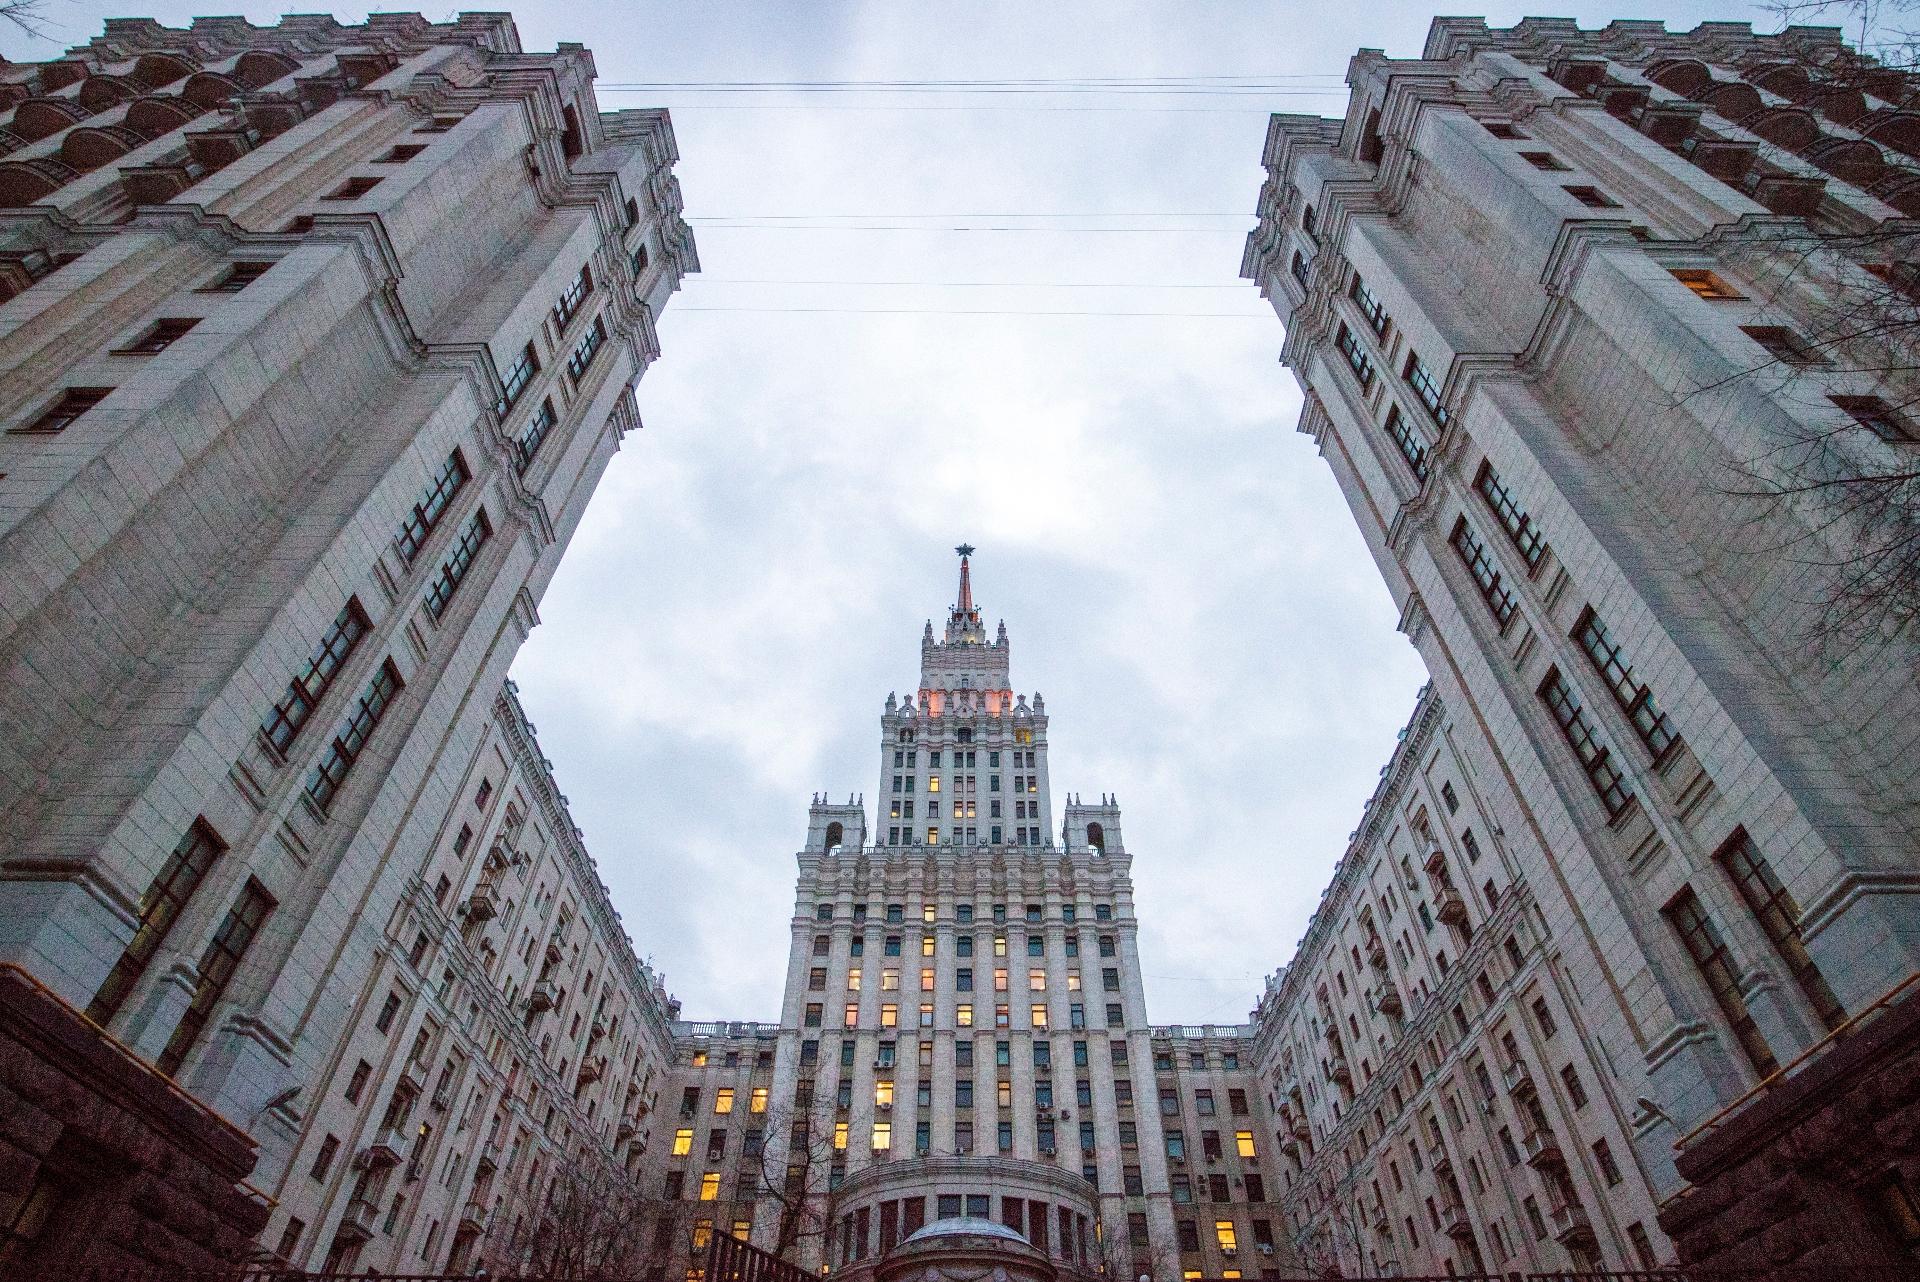 На начало 2021 года средняя стоимость 1 кв. м в сталинских высотках составляет около 620 тыс. руб. За прошлый год квартиры в сталинках подорожали на 14% (данные ЦИАН). На фото: высотное здание на площади КрасныеВорота в Москве